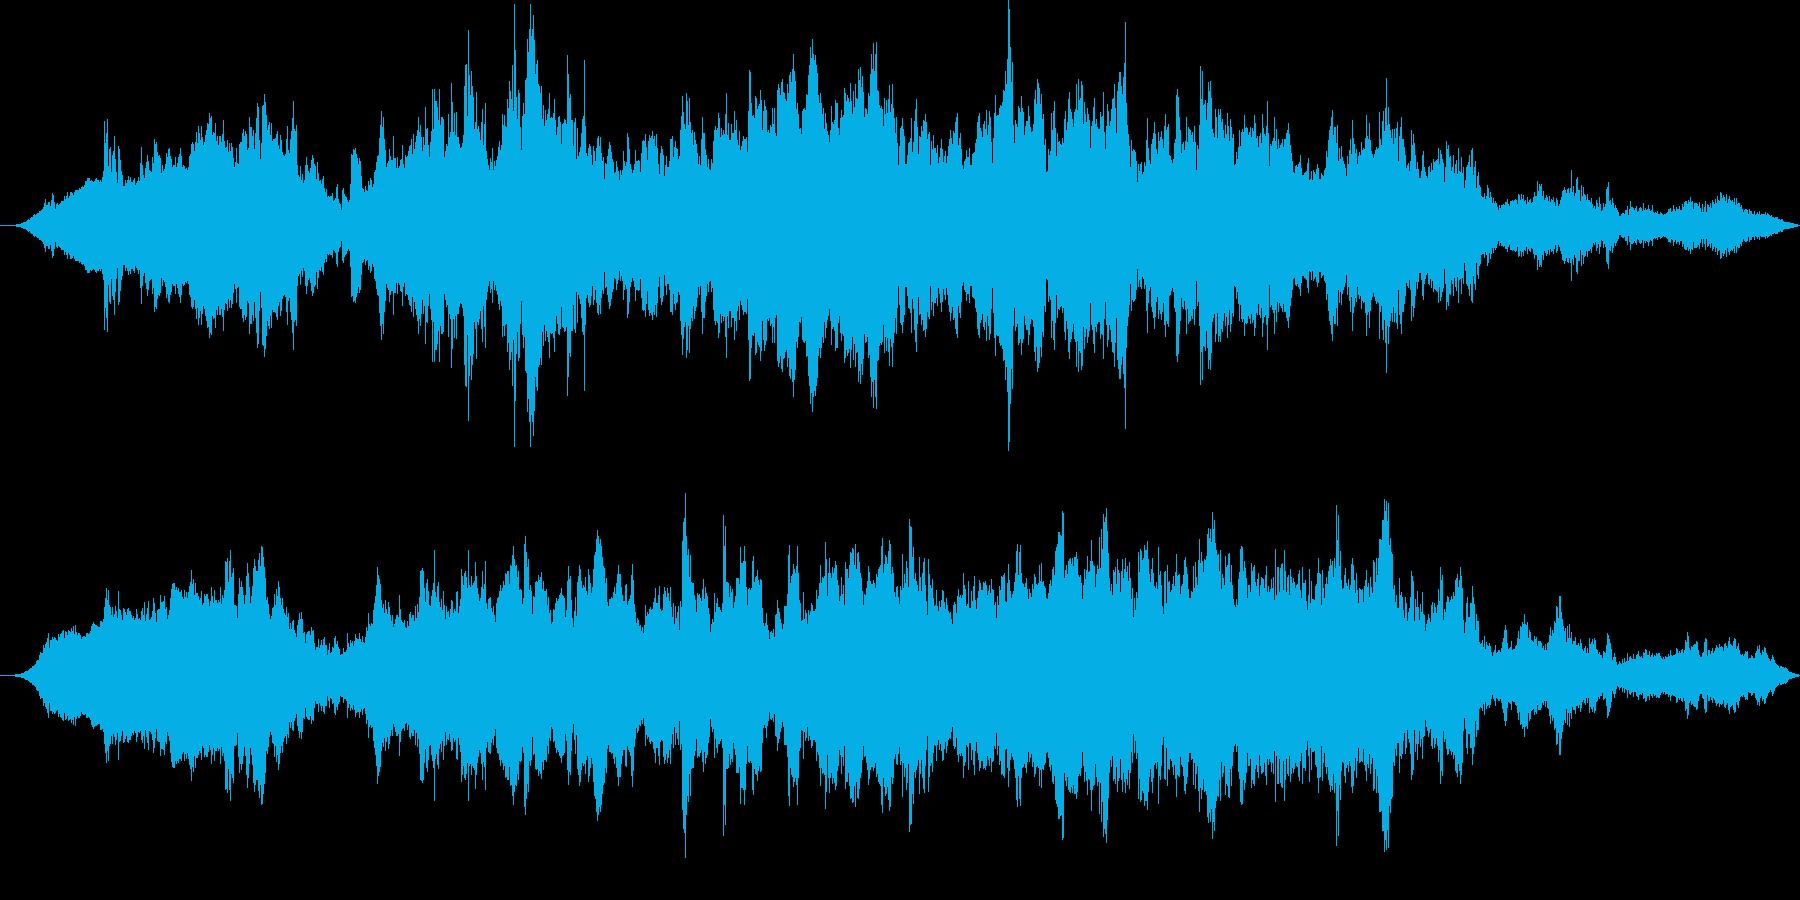 オーケストラチューニングコンサート...の再生済みの波形